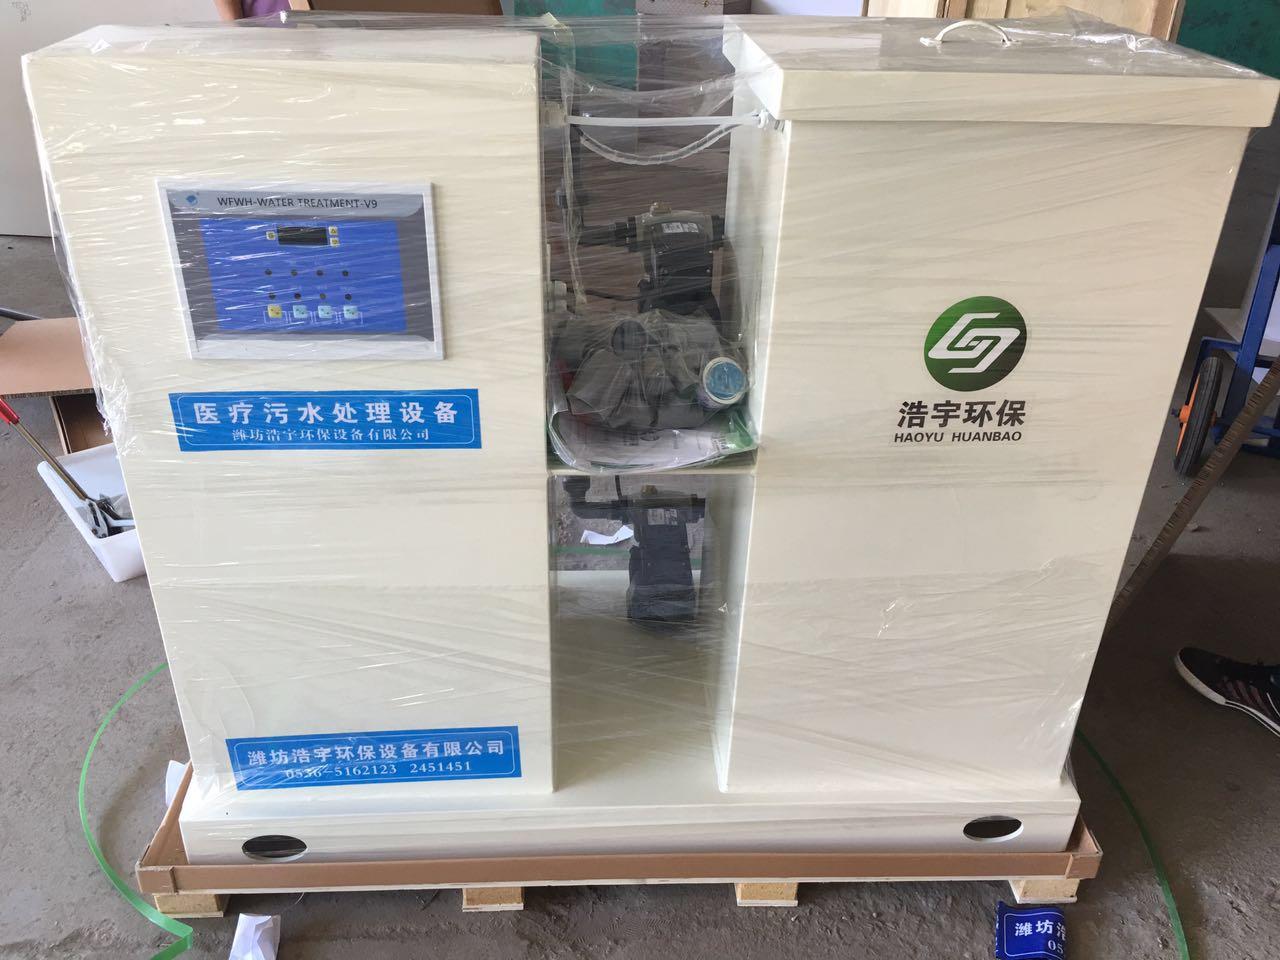 小型美容院污水處理設備 <br> 全新  價格:5500 <br> <img src=http://k.kqzp.cn/img/up/img/5f97aee37af75.jpg